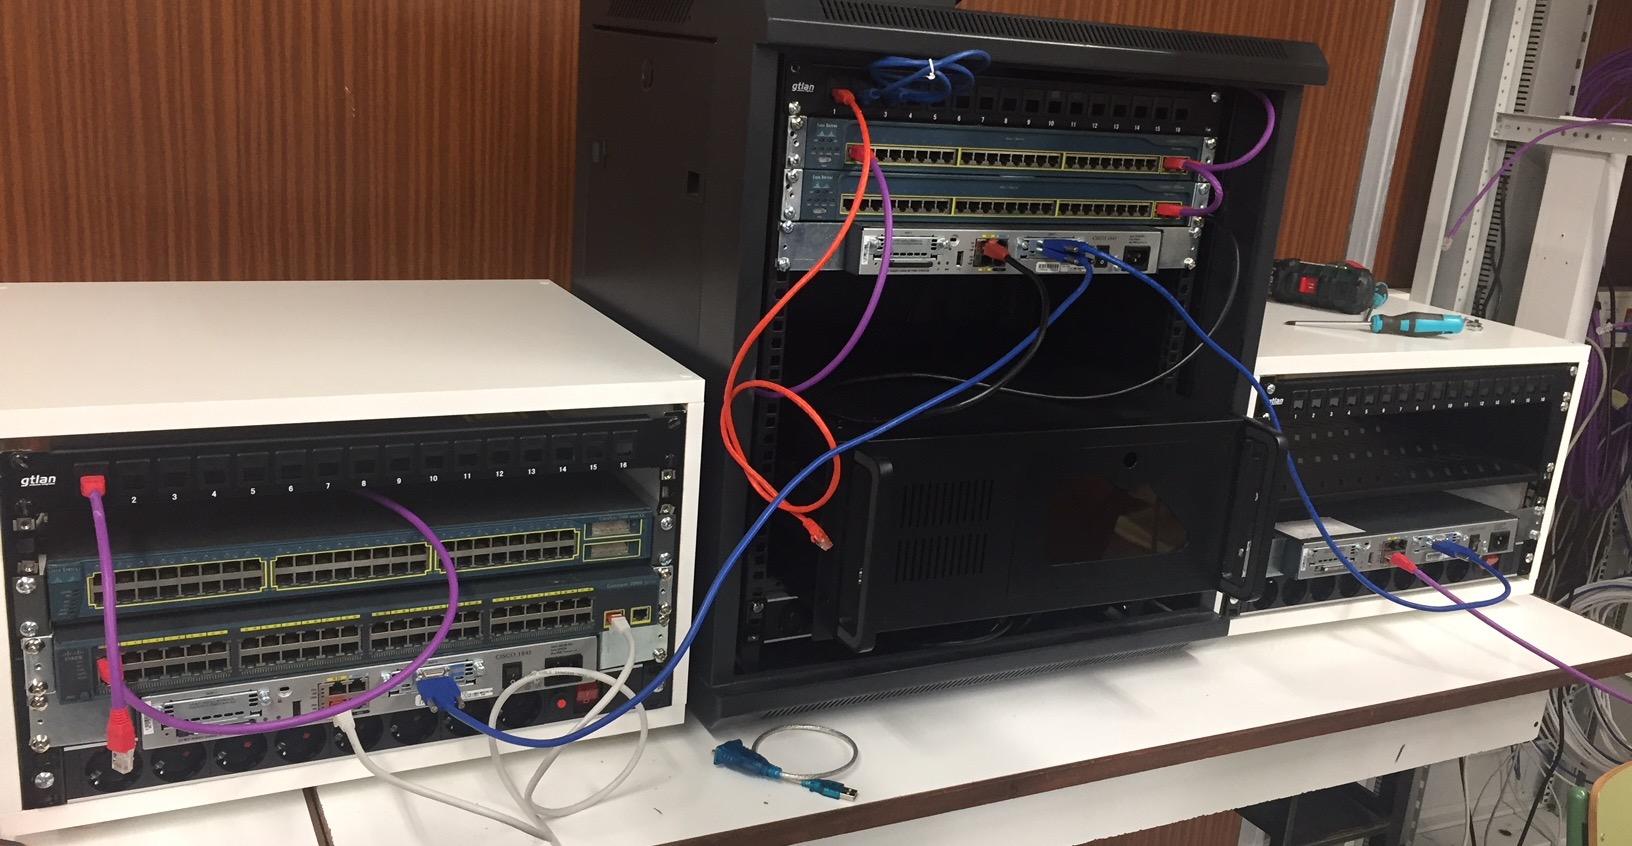 Práctica de redes usando un rack comercial y dos caseros